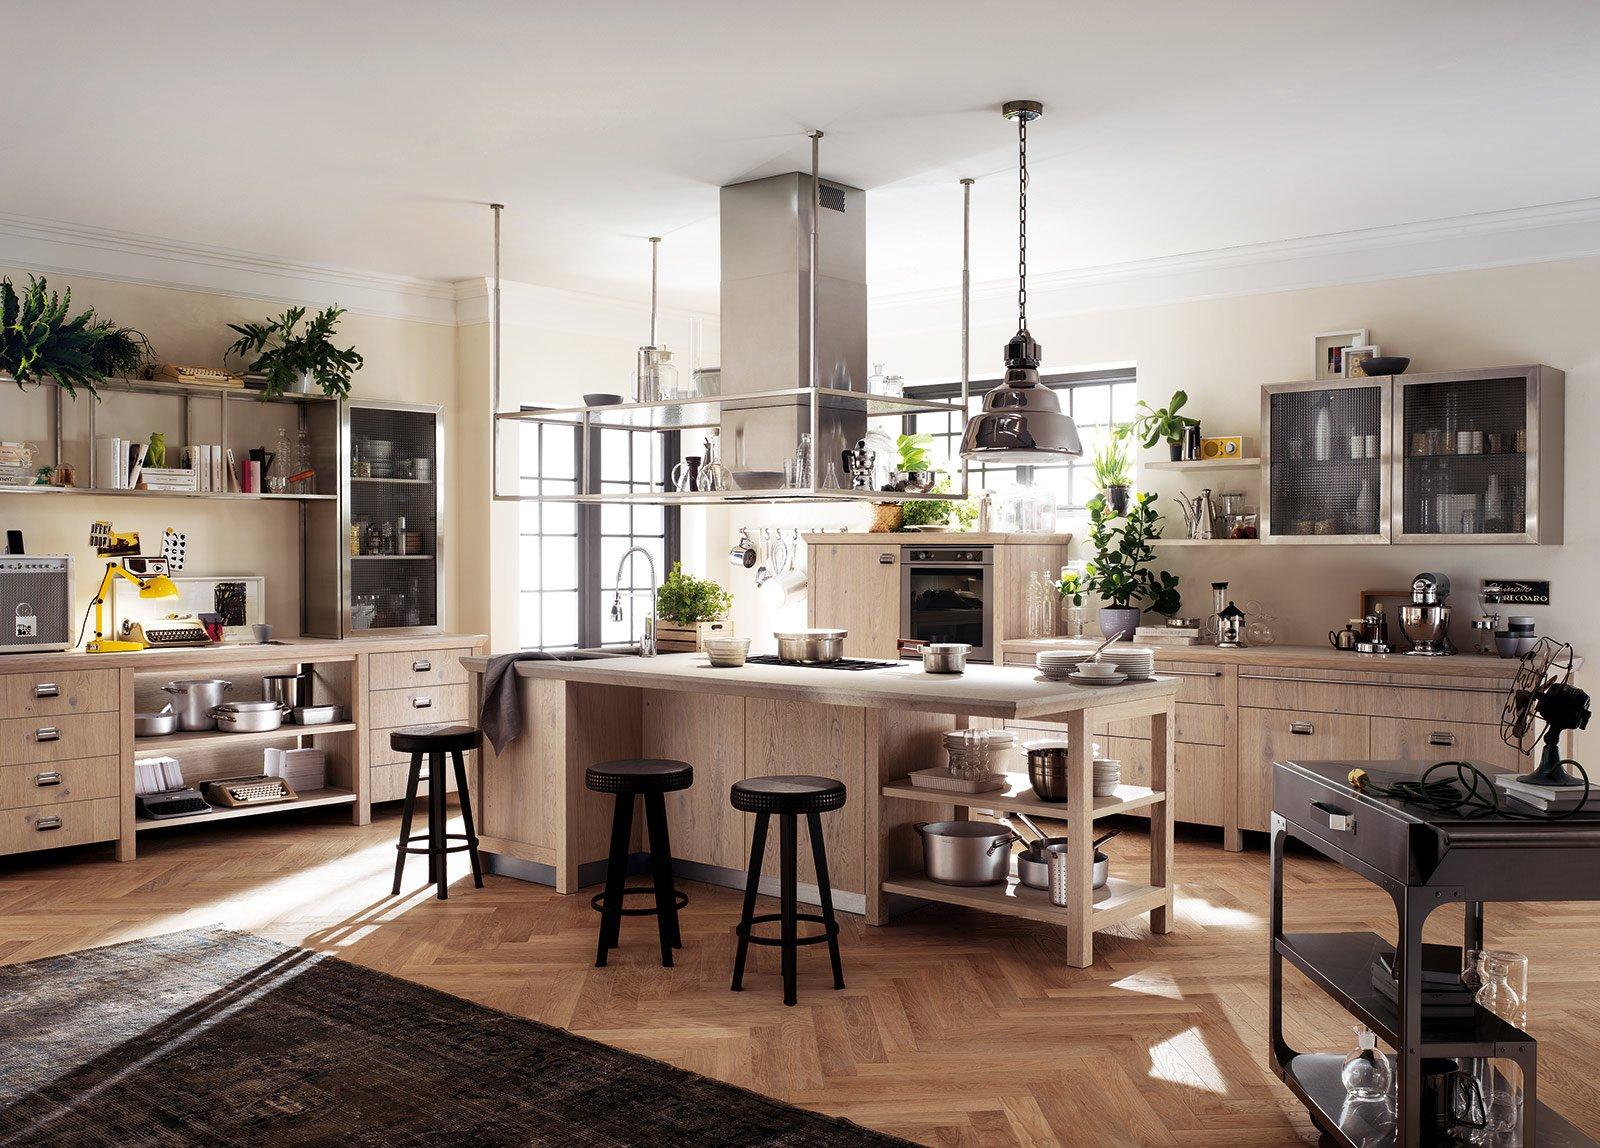 Stile Vintage Per Diesel Social Kitchen Di Scavolini La Grande Cucina  #B49817 1600 1148 Foto Di Cucine Vecchie